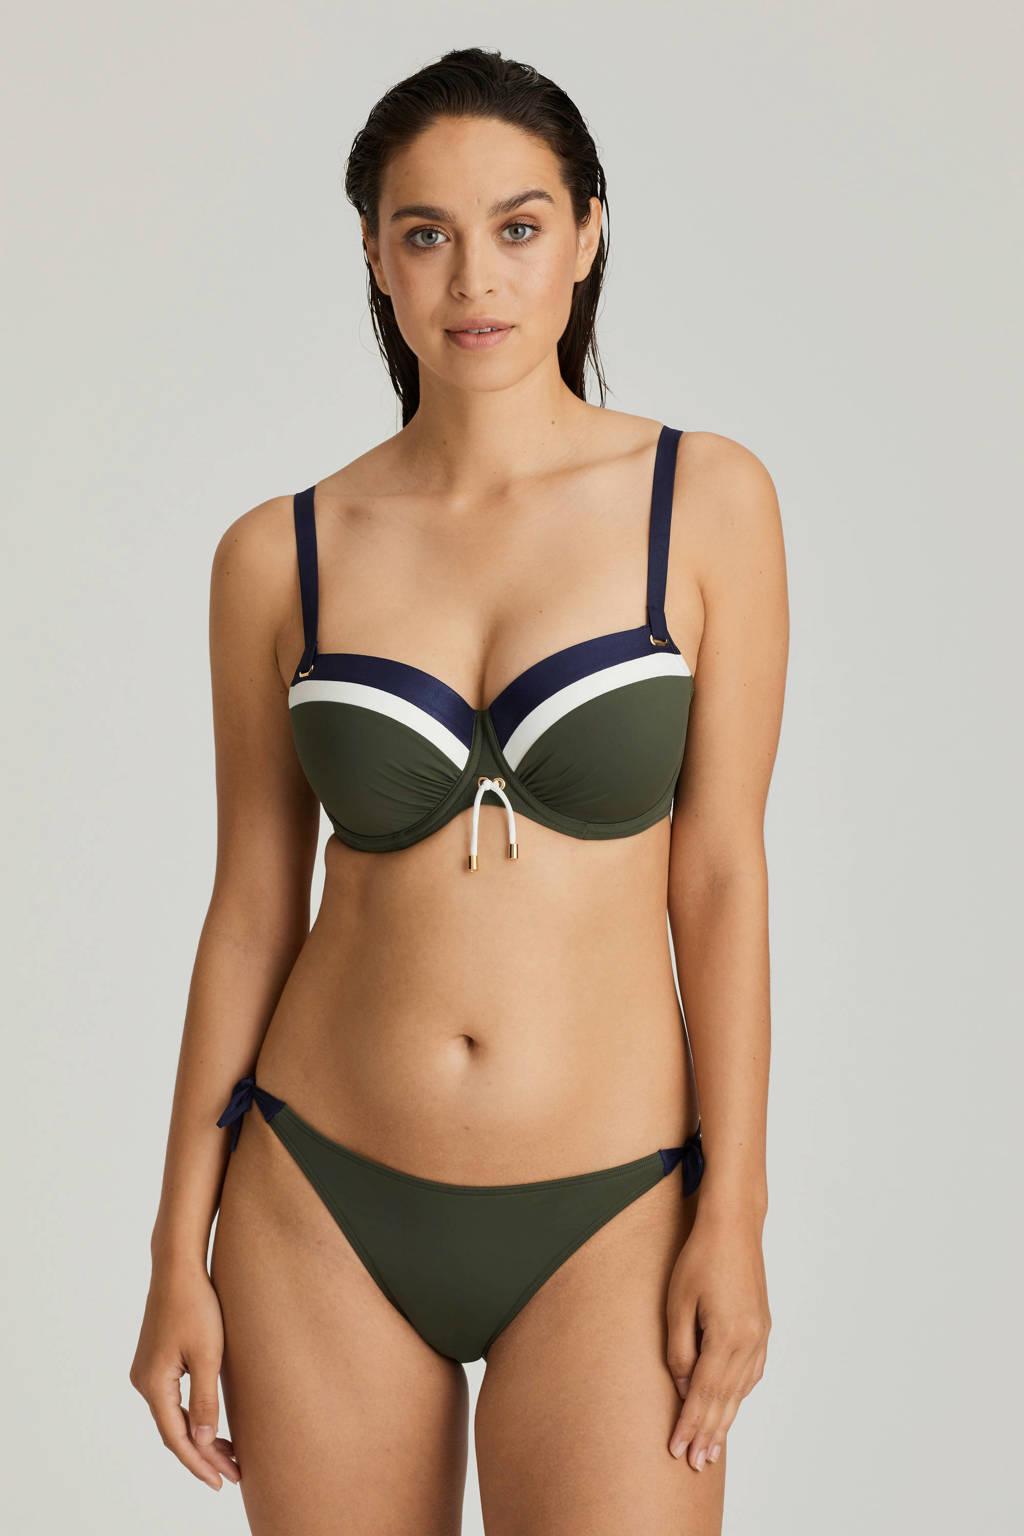 PrimaDonna balconet beugel bikinitop Ocean Drive groen, Blauw / kaki / wit